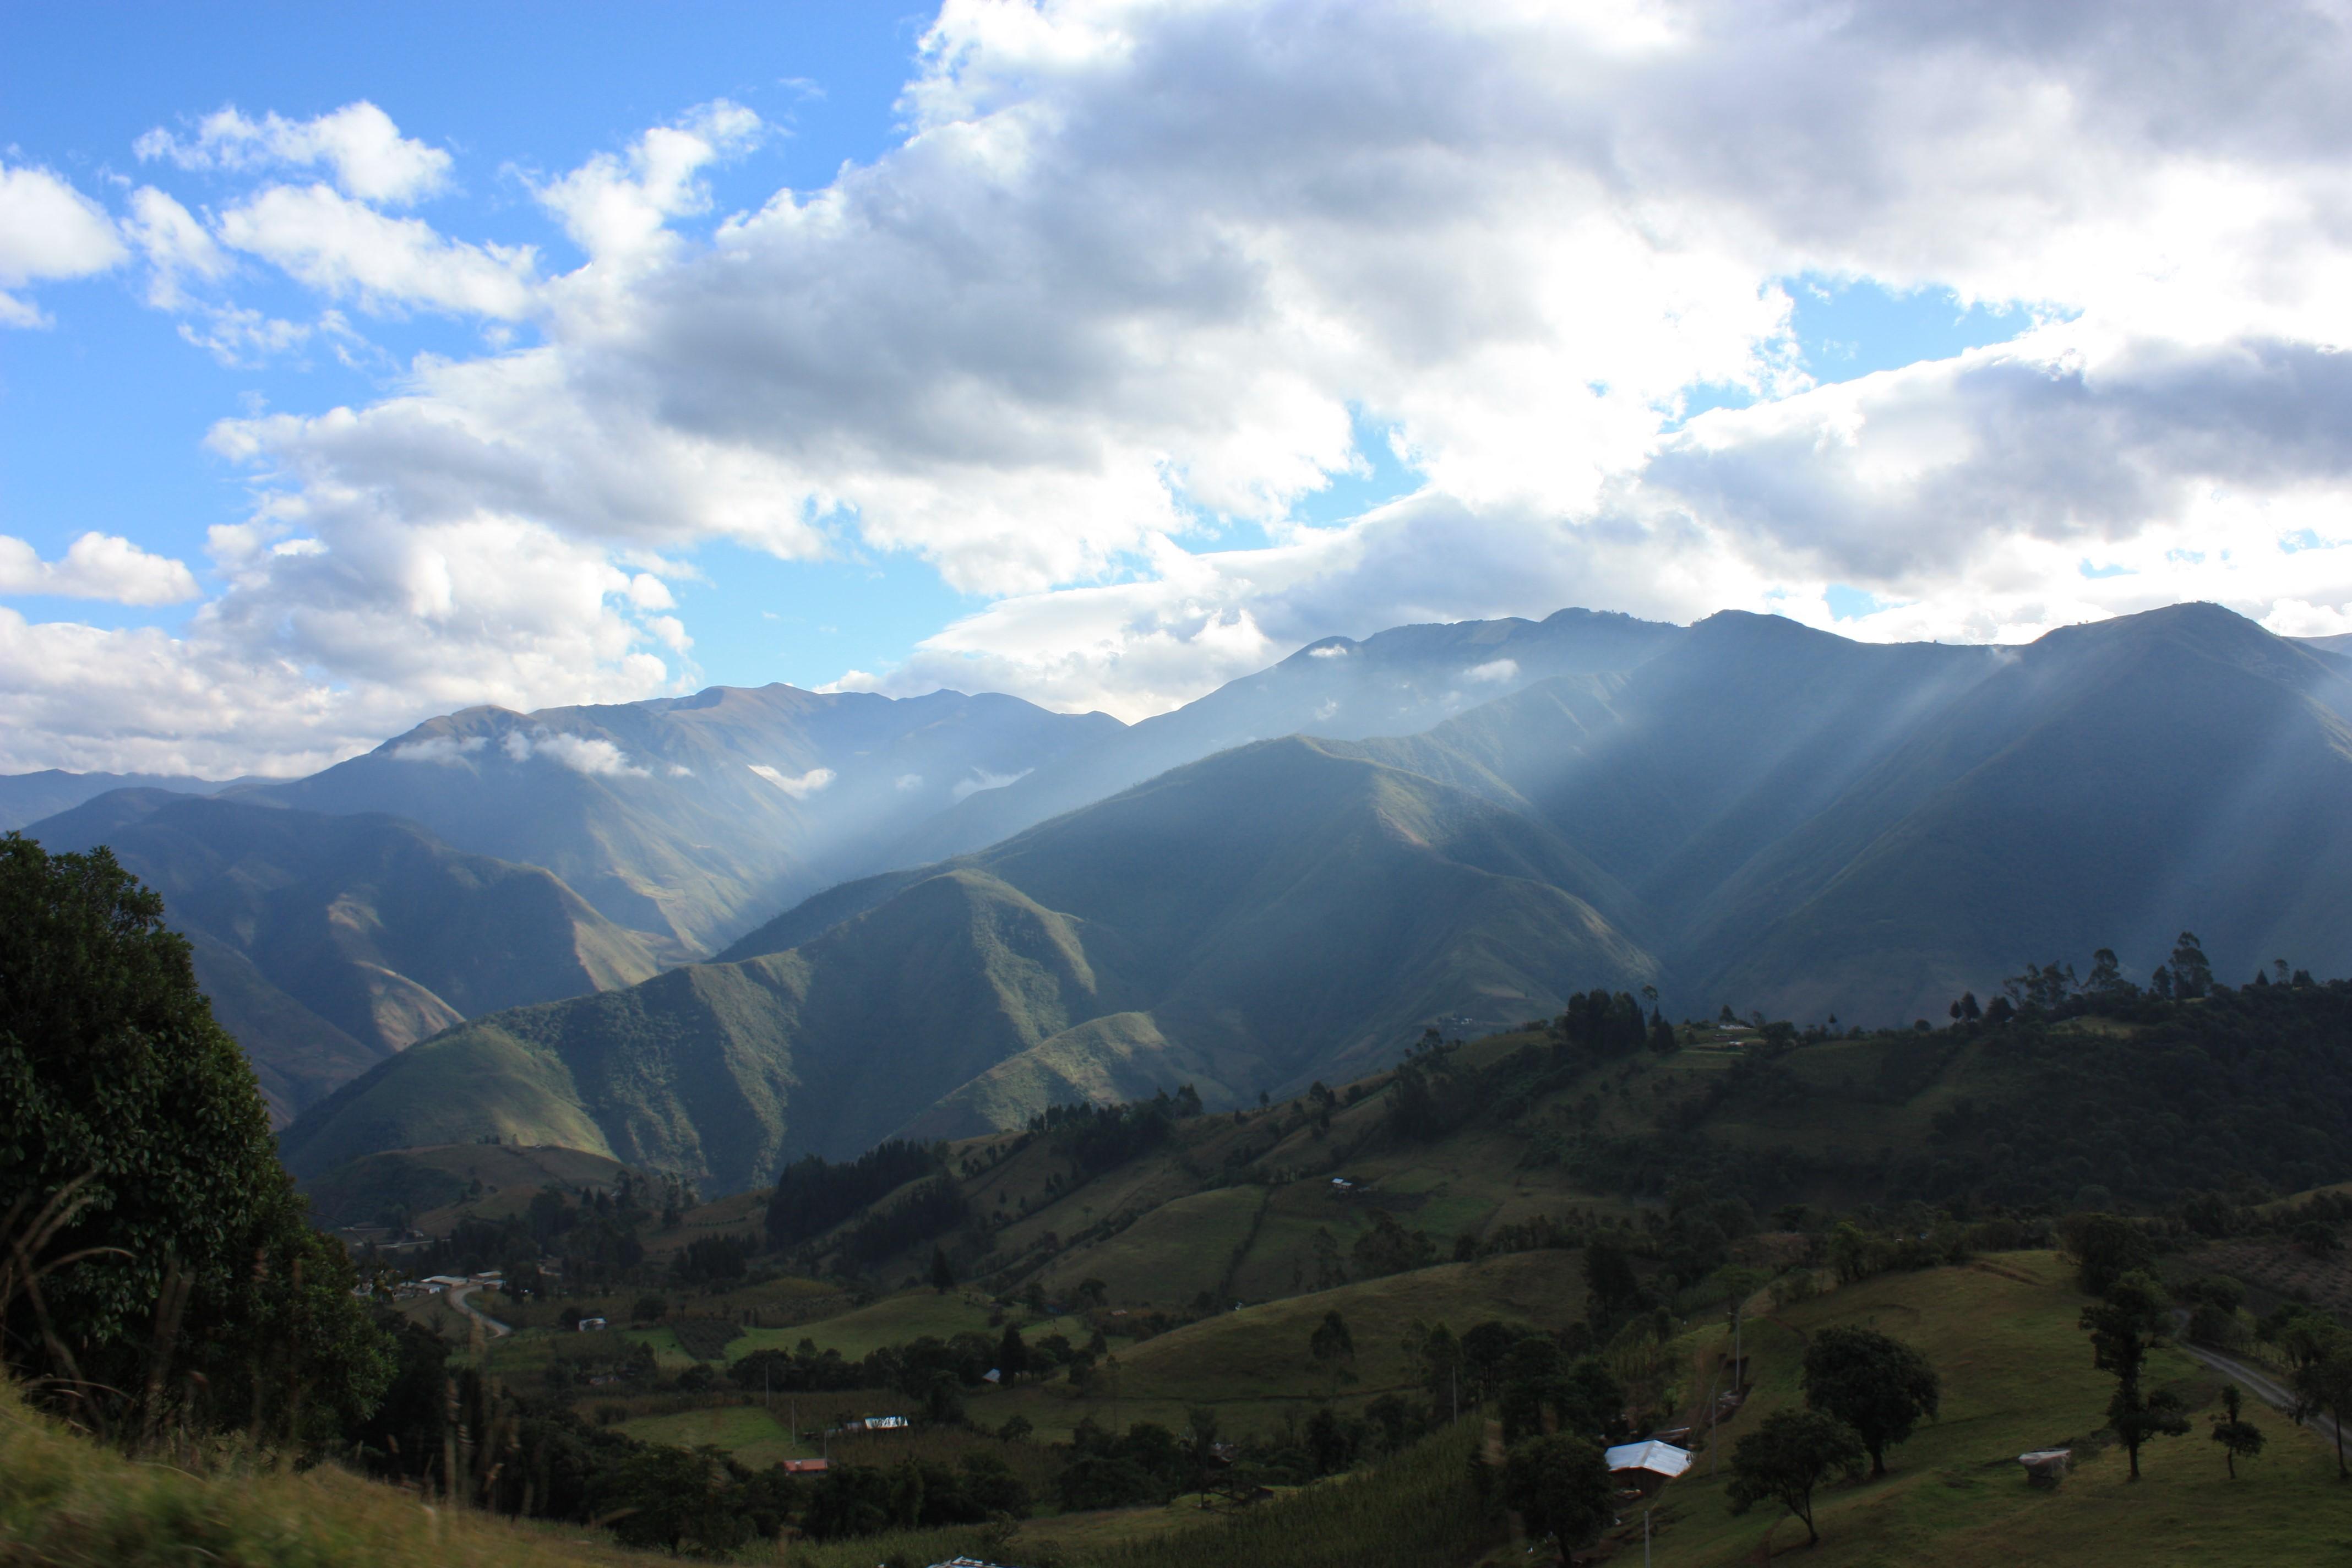 Landscape attributes determine restoration outcomes in the Ecuadorian Andes